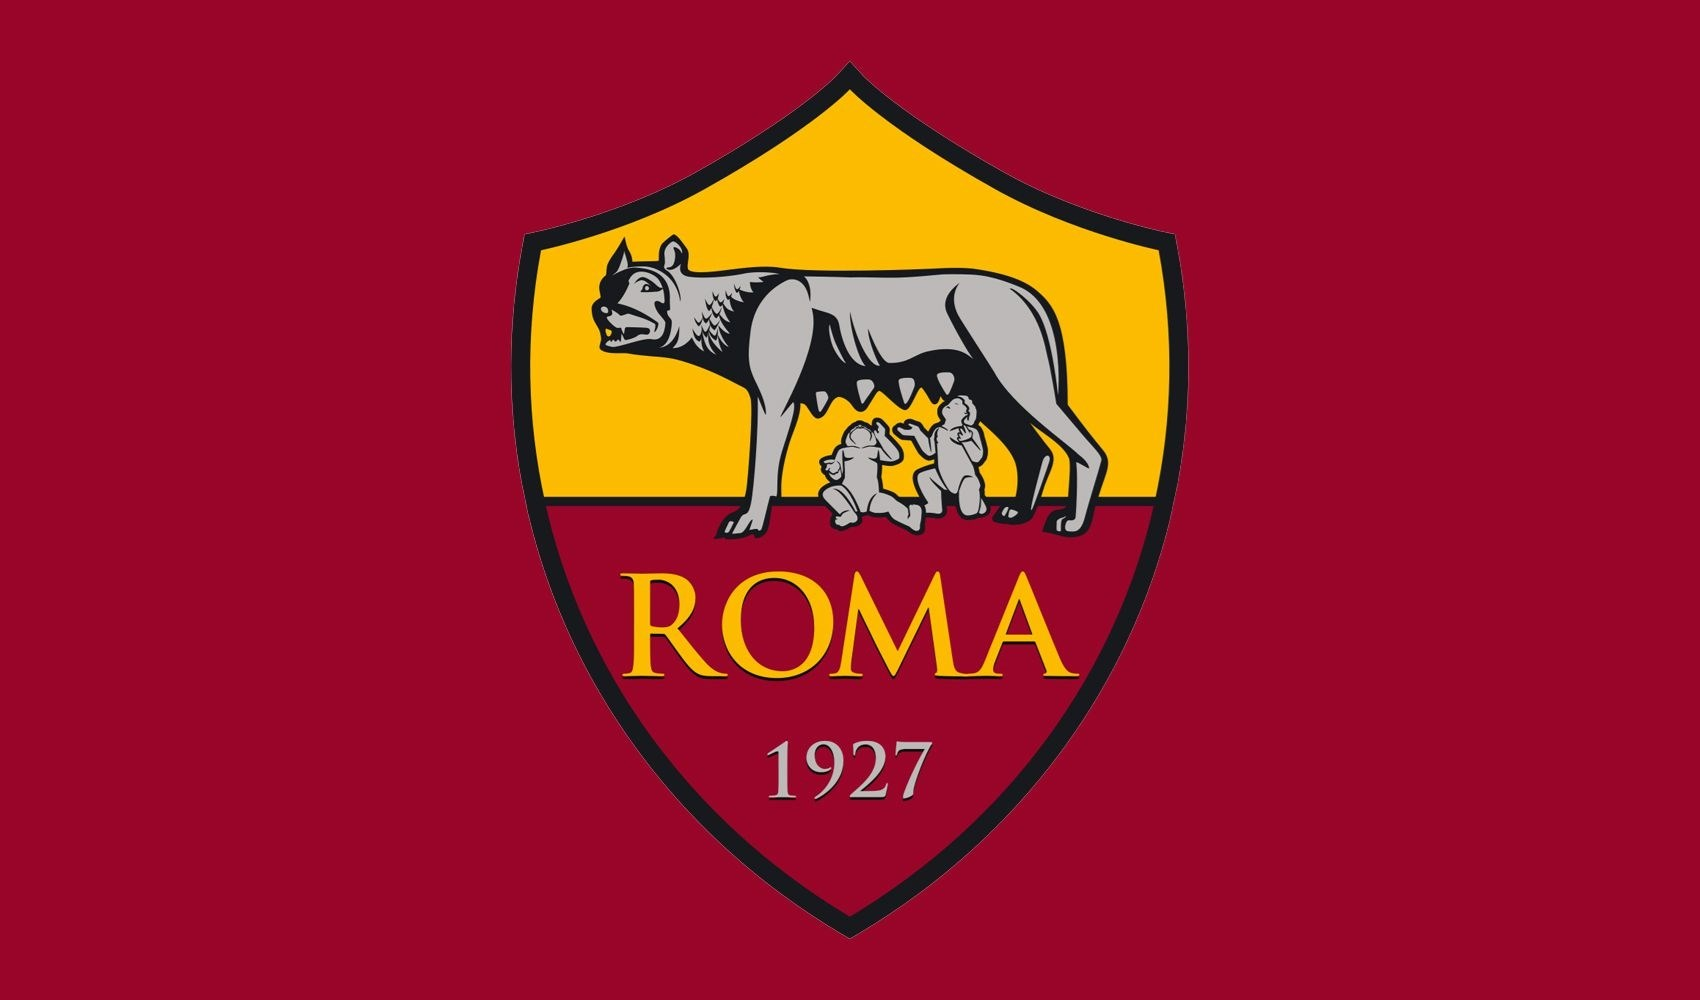 """""""الذئاب"""" يتولون مهمة التوصيل إلى المنازل في روما!"""